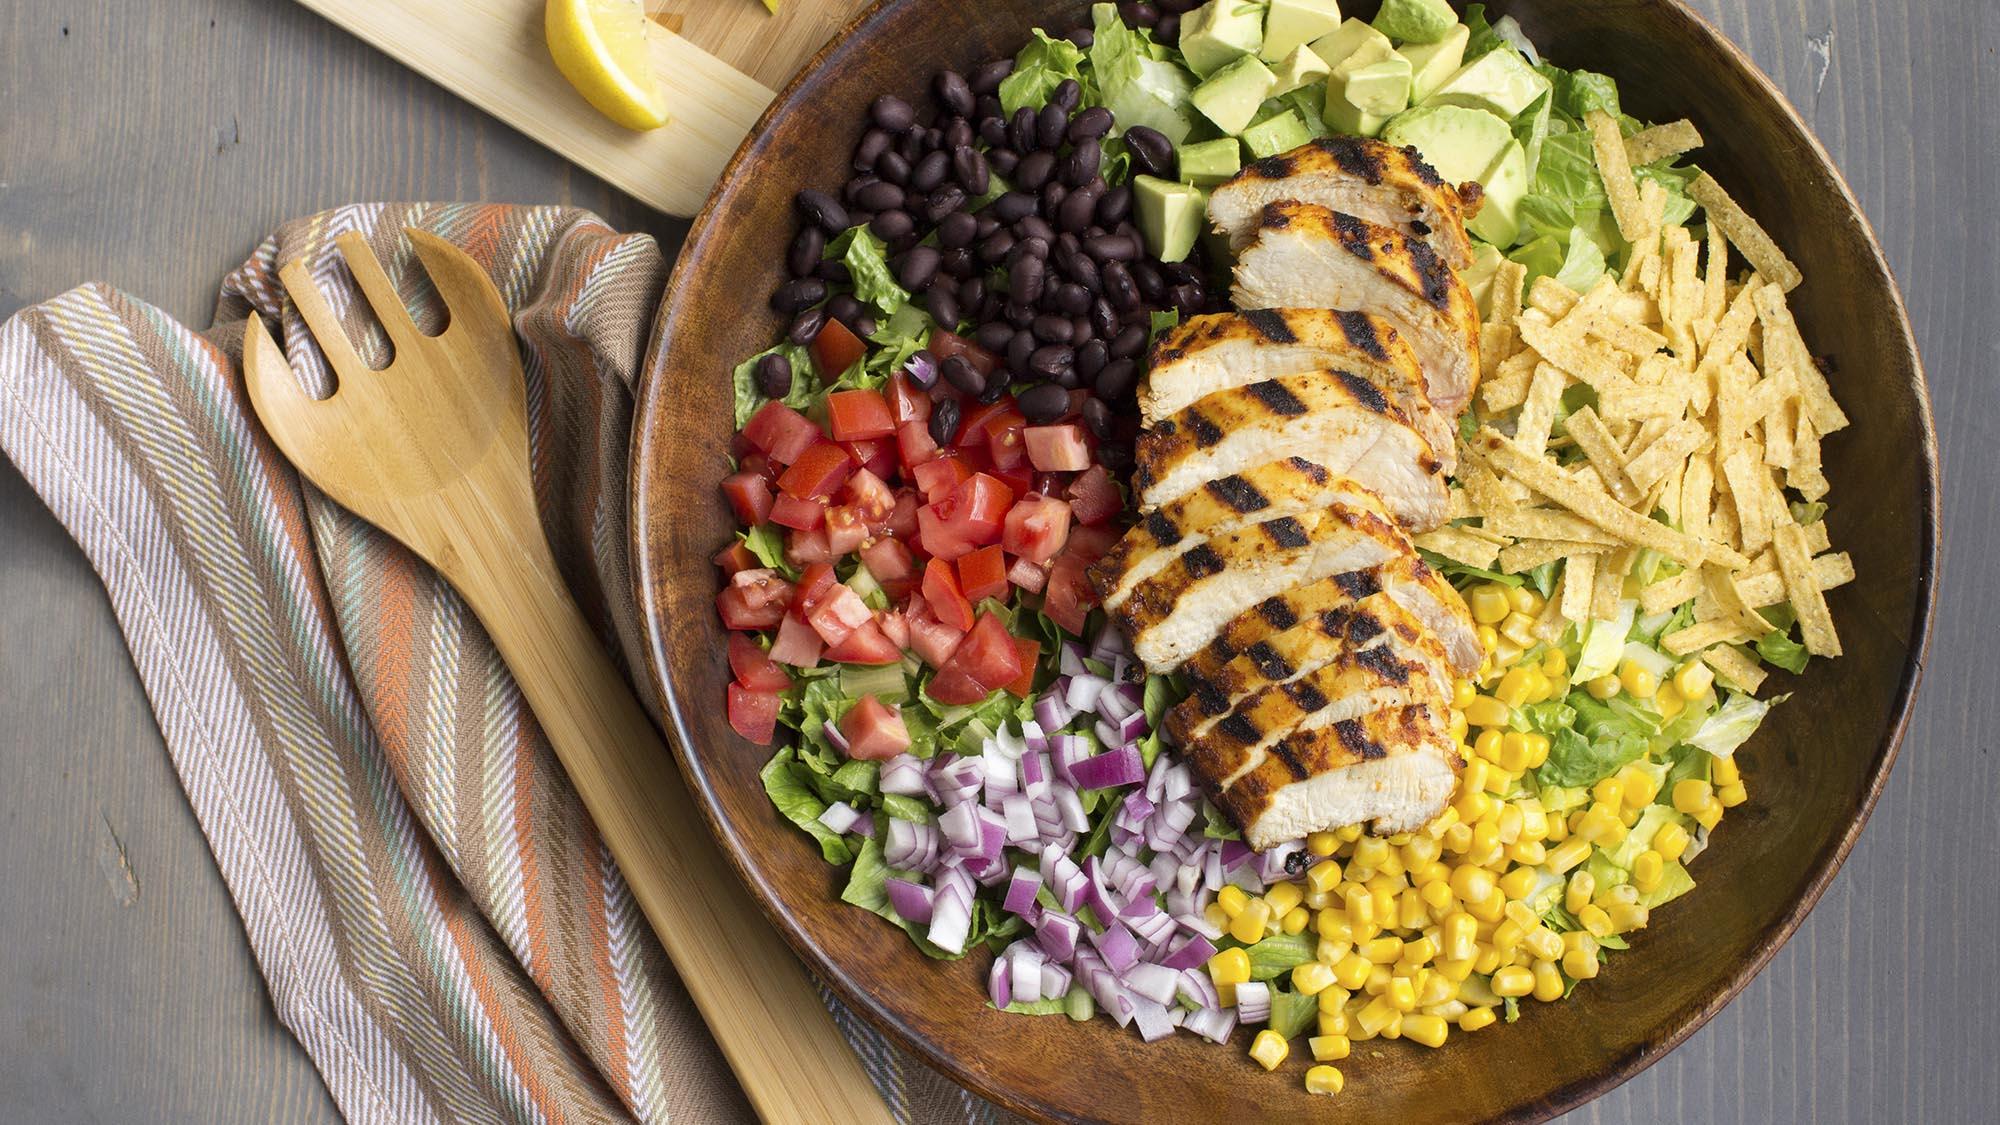 Southwest_Chicken_Salad_2000x1125.jpg